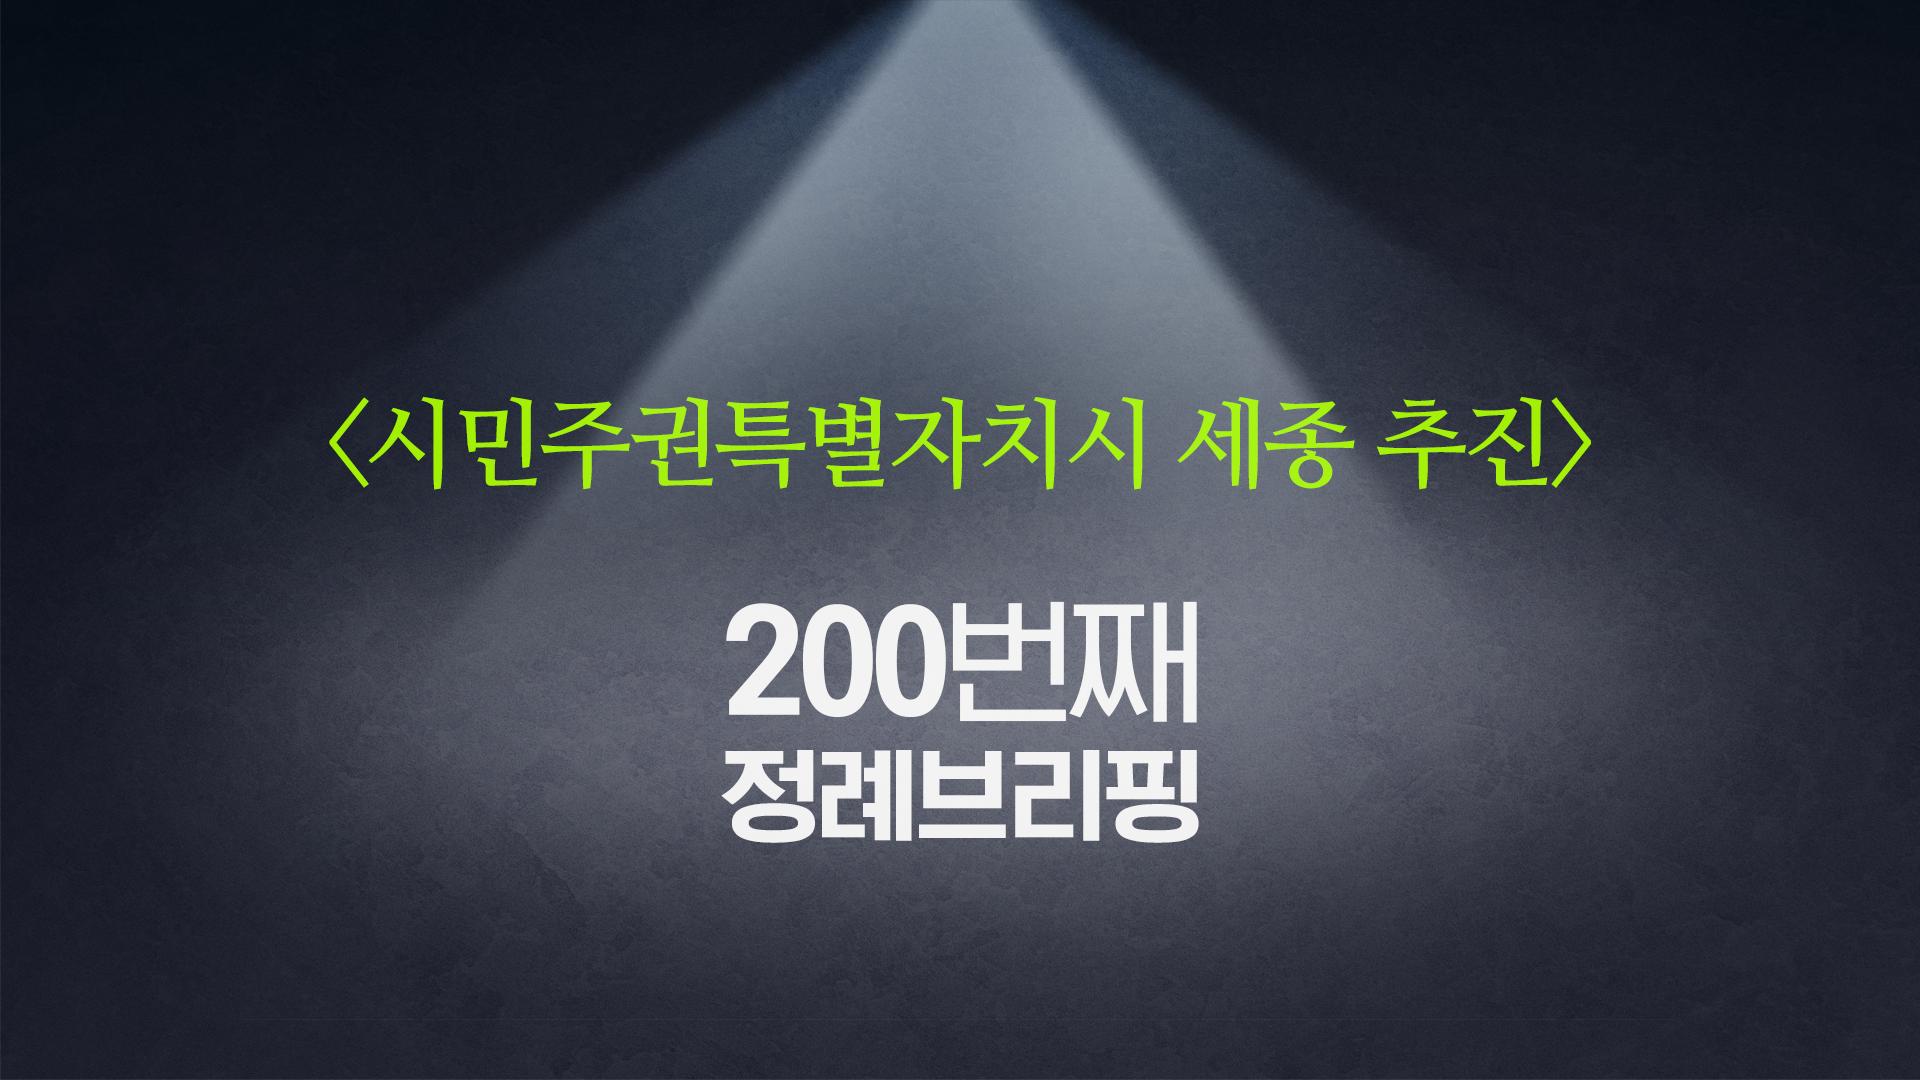 <200번째 정례브리핑> 시민주권특별자치시 세종 추진